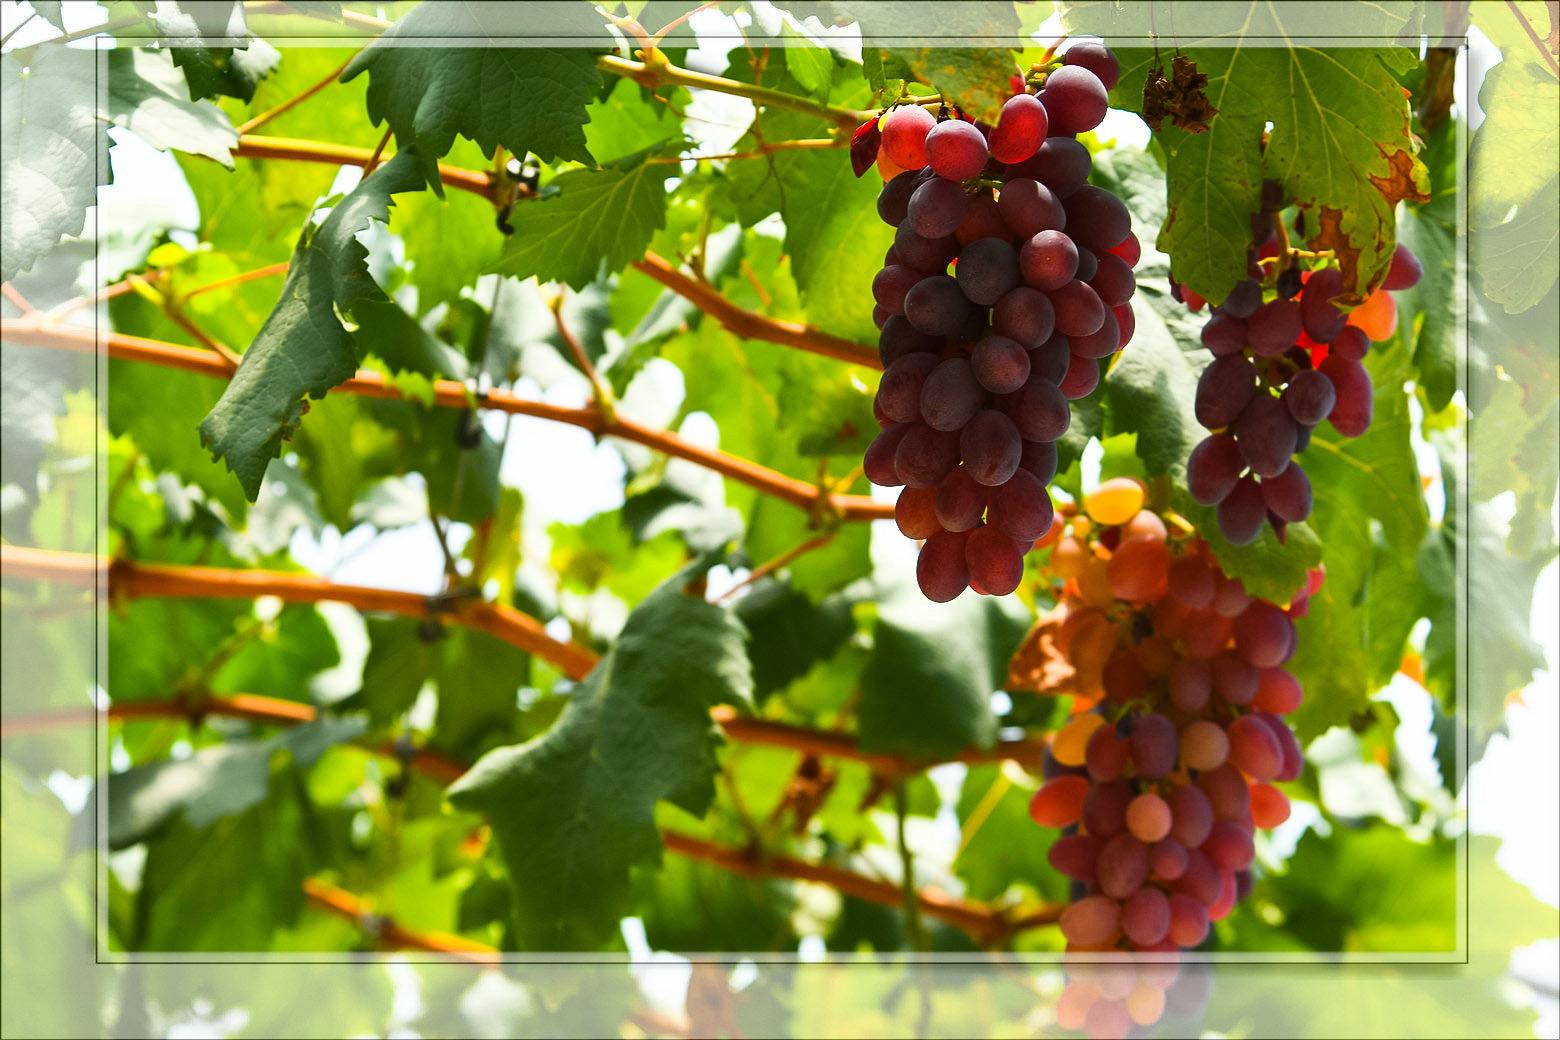 大邑蓝藤谷的葡萄熟了